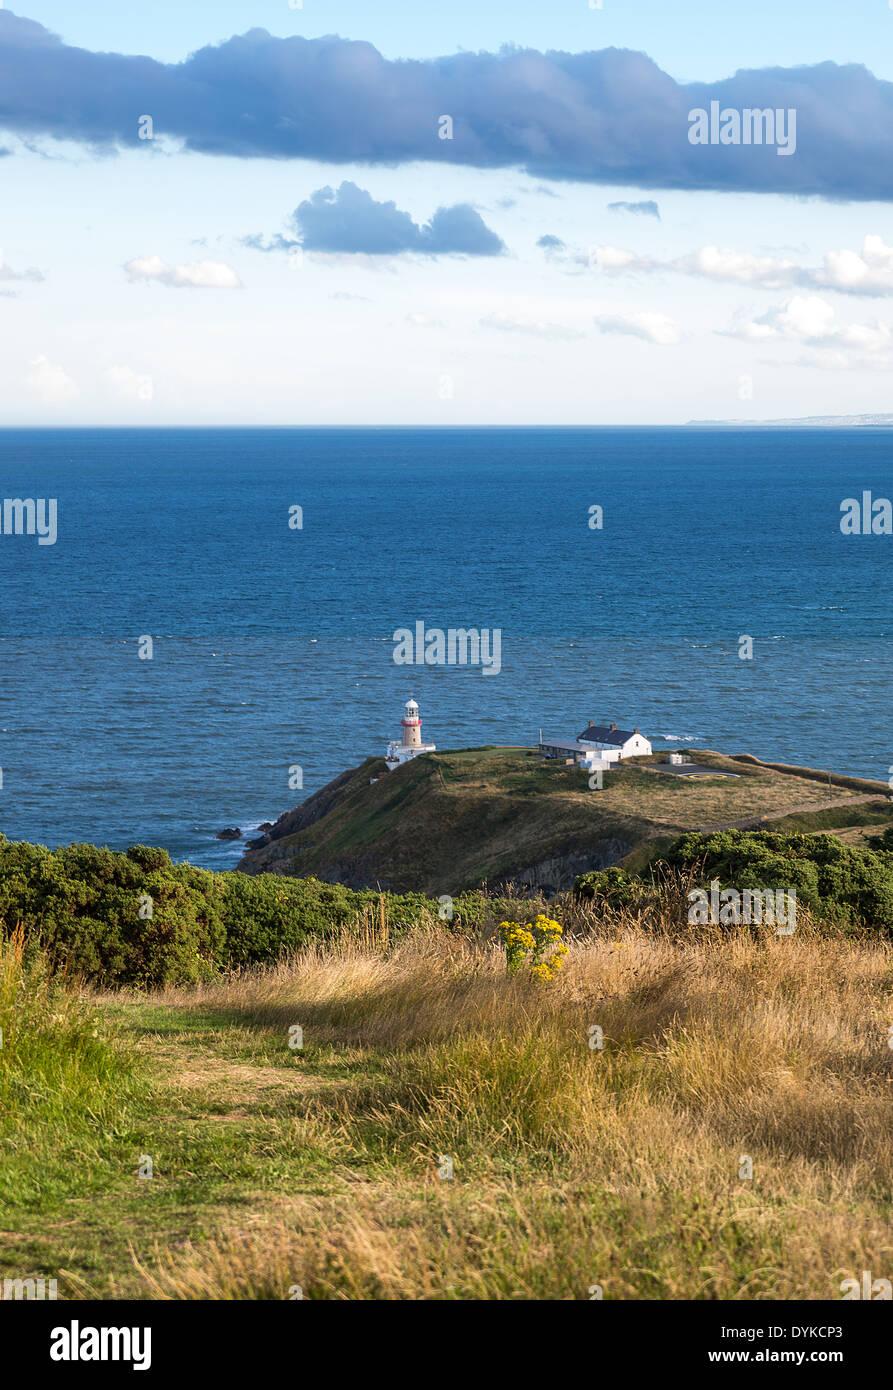 Ireland, Dublin county, the Dublin bay seen from the Howth headland Stock Photo